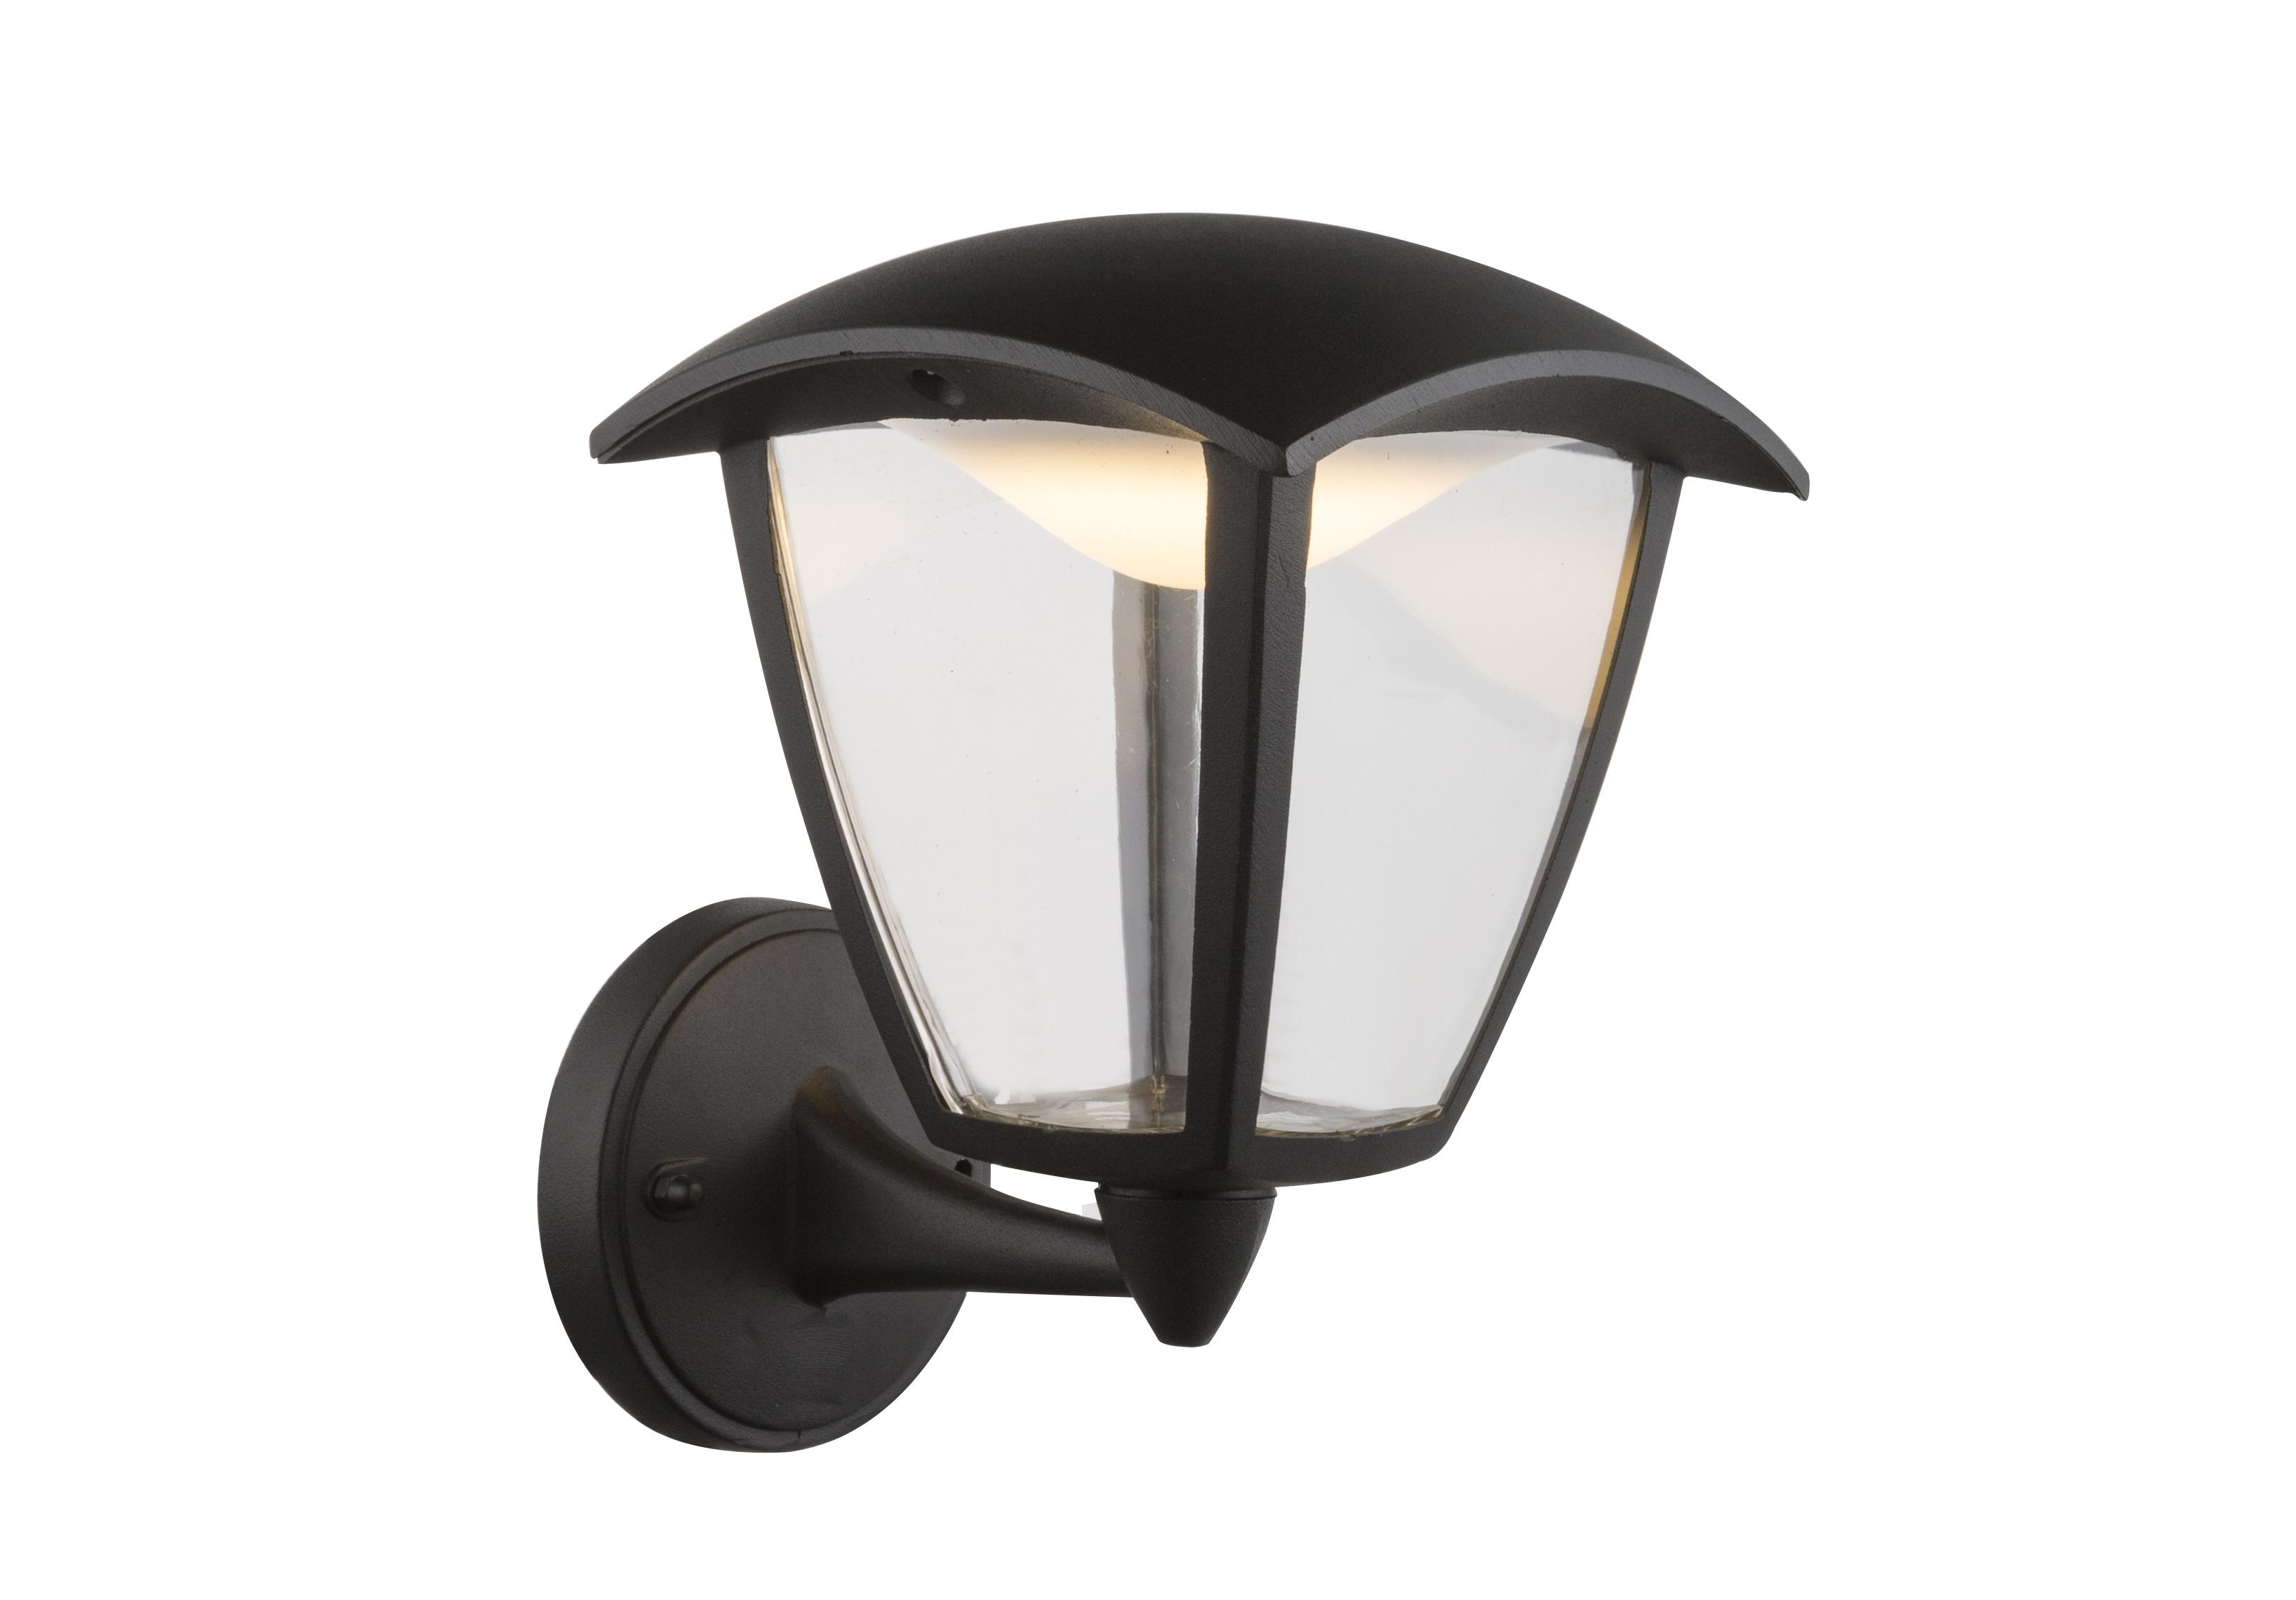 Светильник уличныйУличные настенные светильники<br>&amp;lt;div&amp;gt;Тип цоколя: LED&amp;lt;/div&amp;gt;&amp;lt;div&amp;gt;Мощность: 7W&amp;lt;/div&amp;gt;&amp;lt;div&amp;gt;Кол-во ламп: 1 (в комплекте)&amp;lt;/div&amp;gt;<br><br>Material: Металл<br>Ширина см: 16<br>Высота см: 23<br>Глубина см: 19